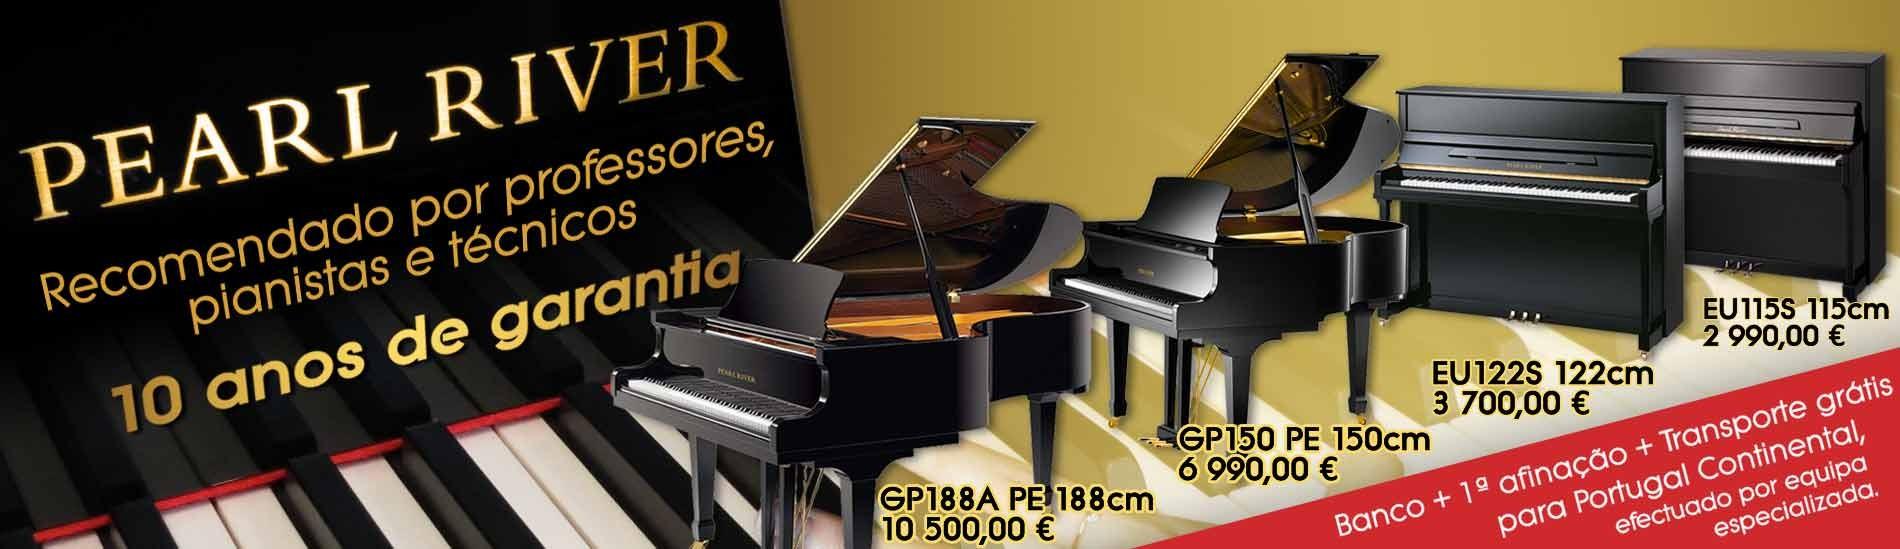 Pianos Pearl River - Recomendados por professores, pianistas e técnicos!